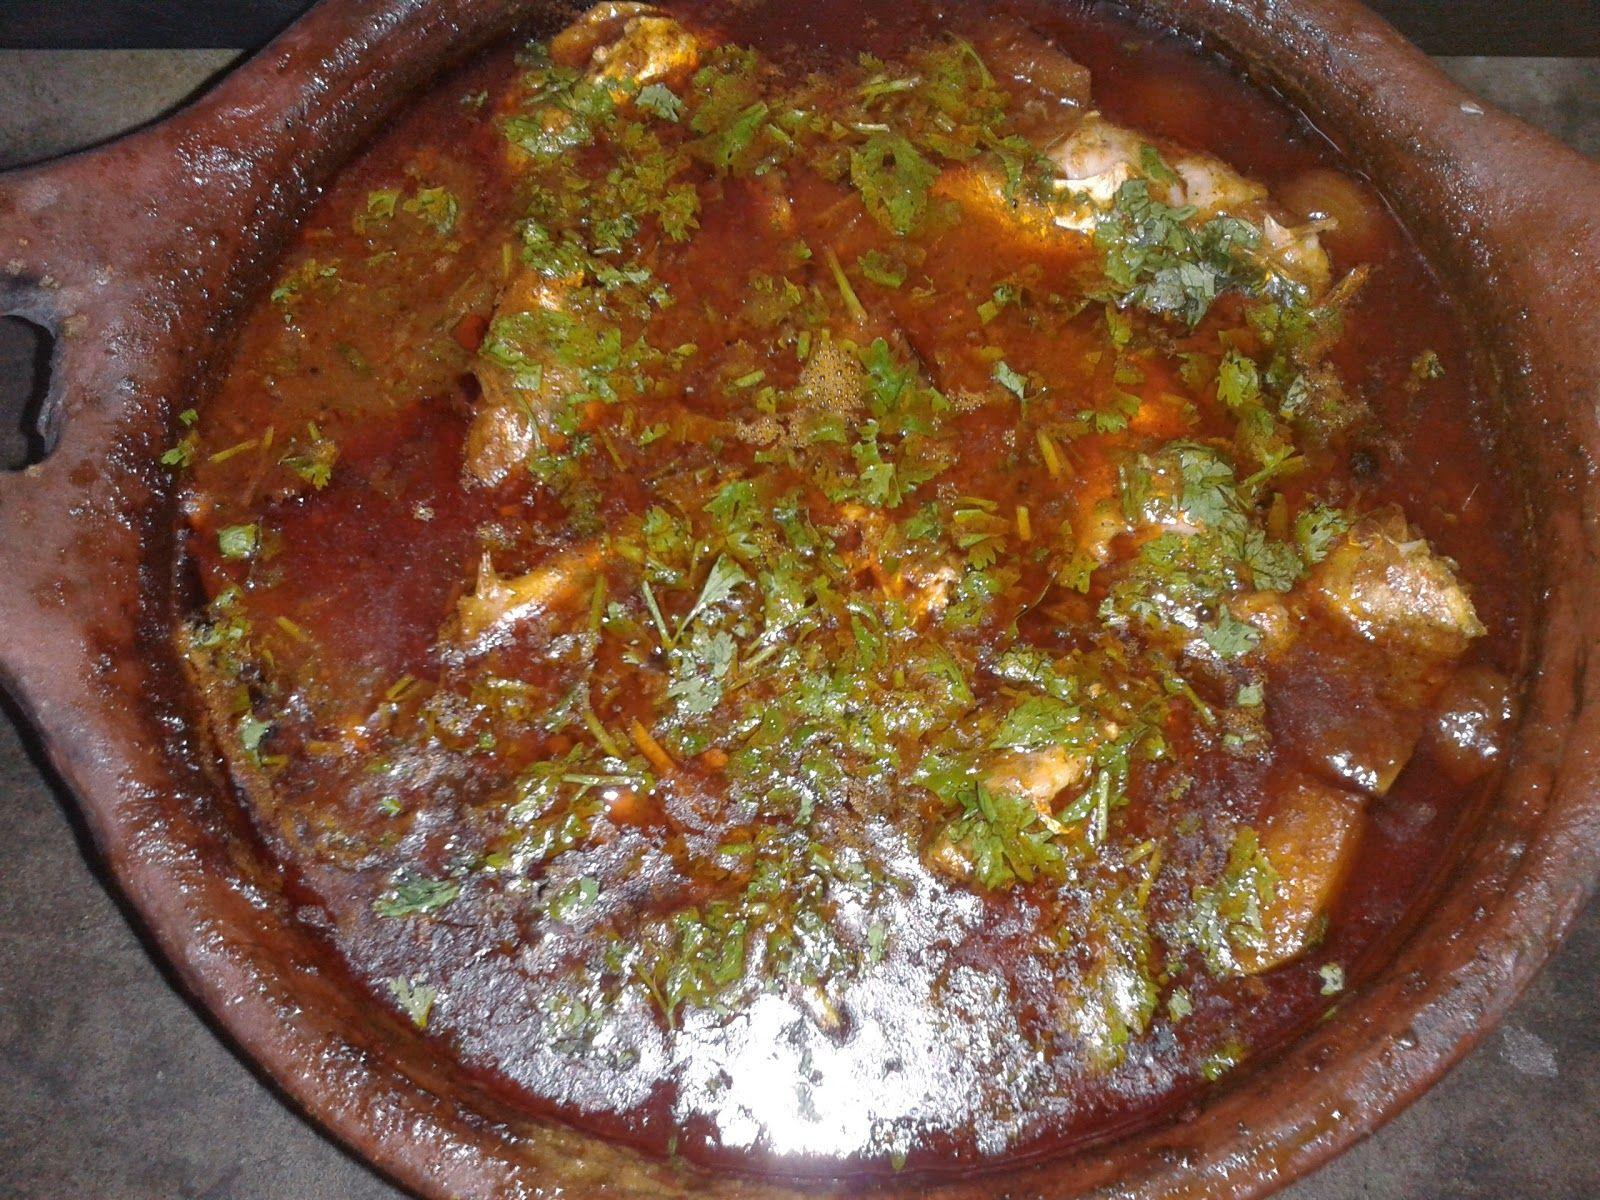 Bananaleaf recipes south indian fish kuzhambu fish curry recipe bananaleaf recipes south indian fish kuzhambu fish curry recipe forumfinder Choice Image